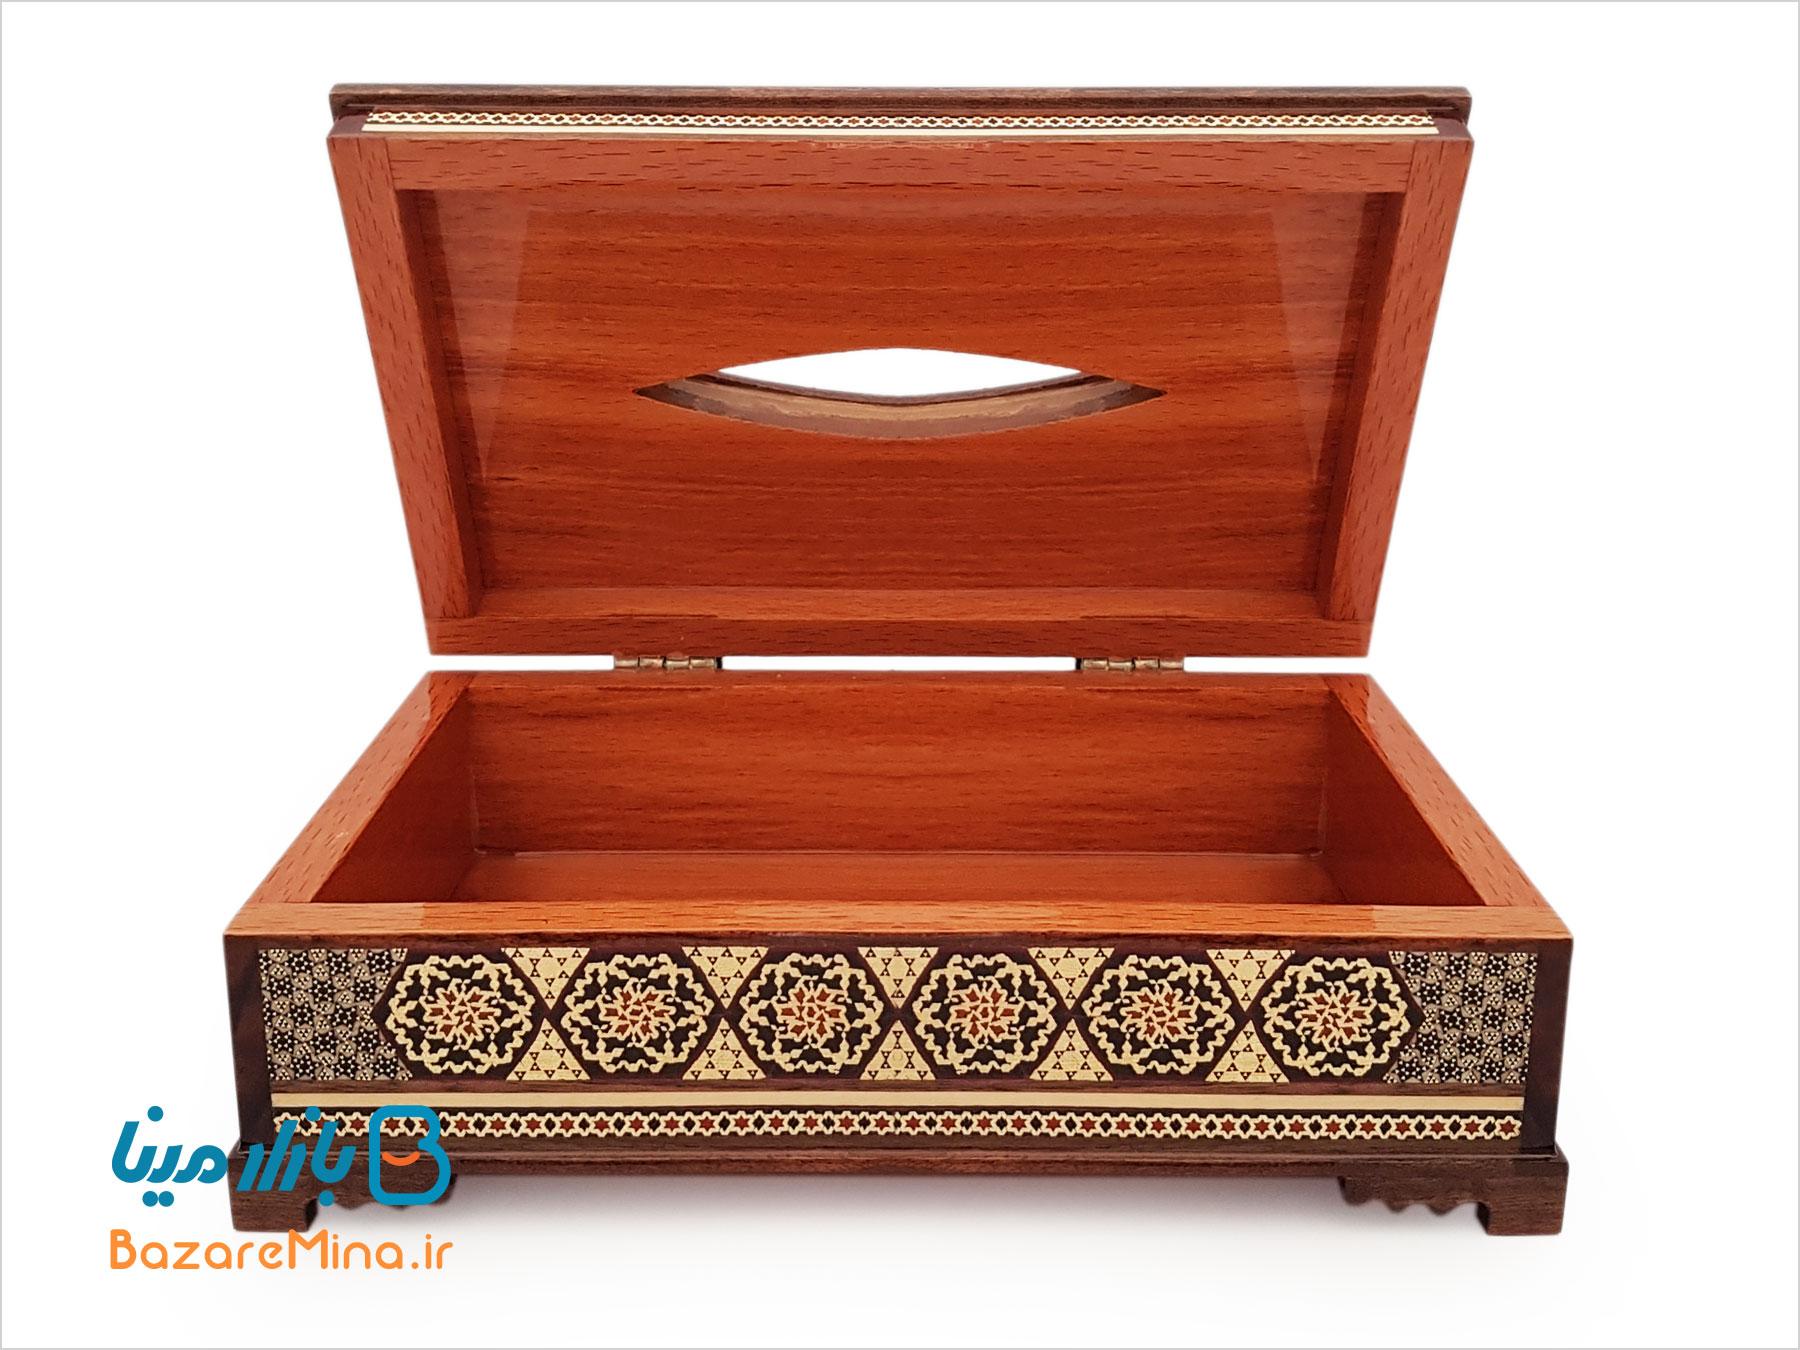 جعبه کلینکس دستمال کاغذی خاتم کاری اصفهان